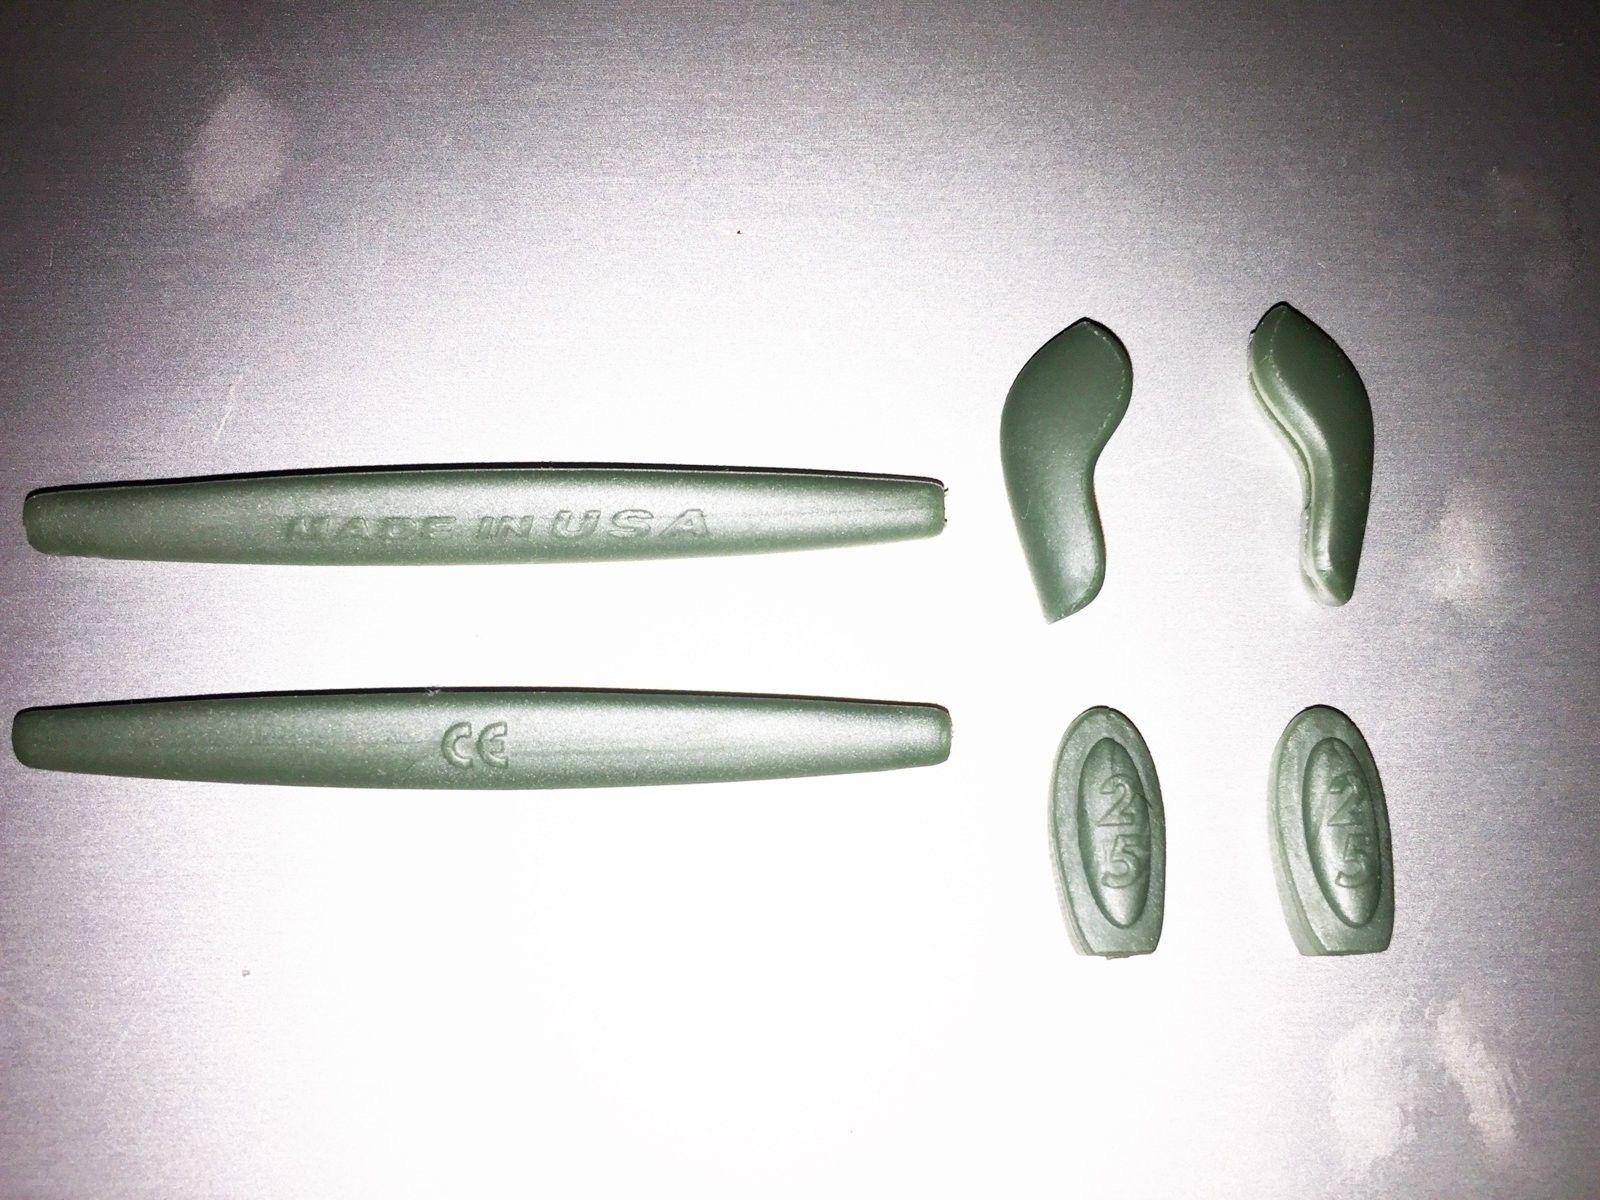 Ichiro Green Rubber Set New! - IMG_1999.jpg